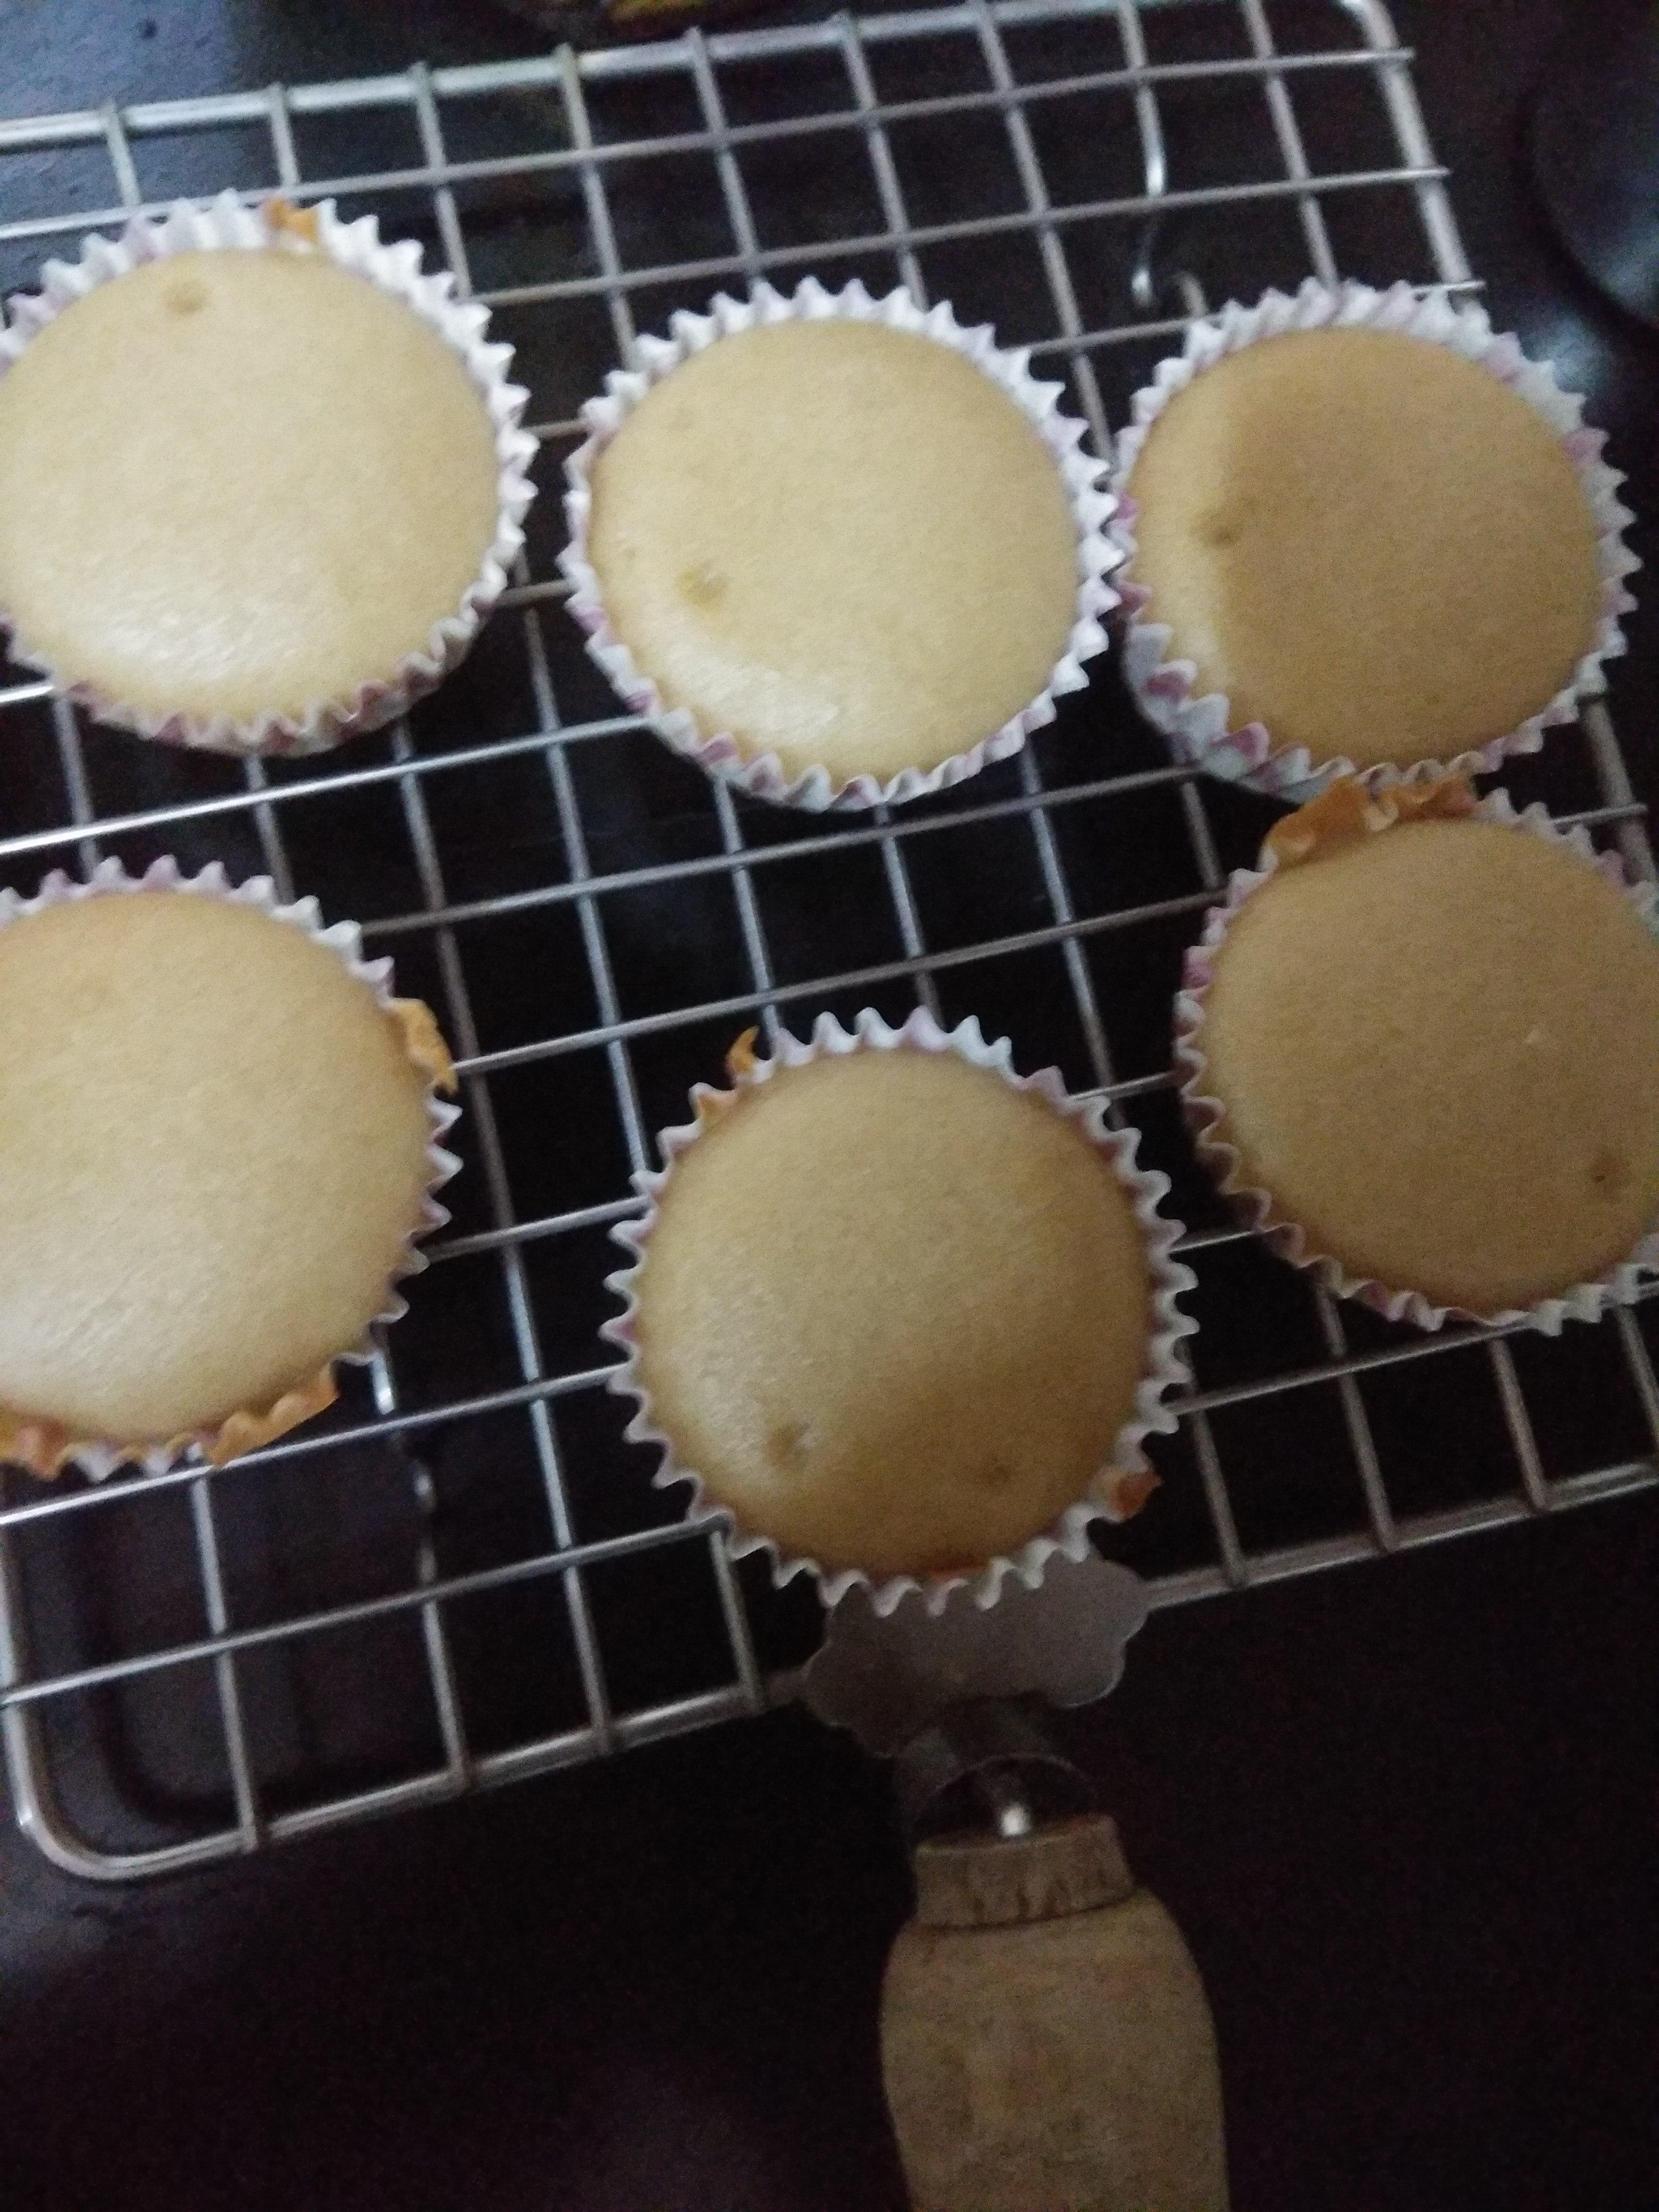 Vegan Basic Vanilla Cake